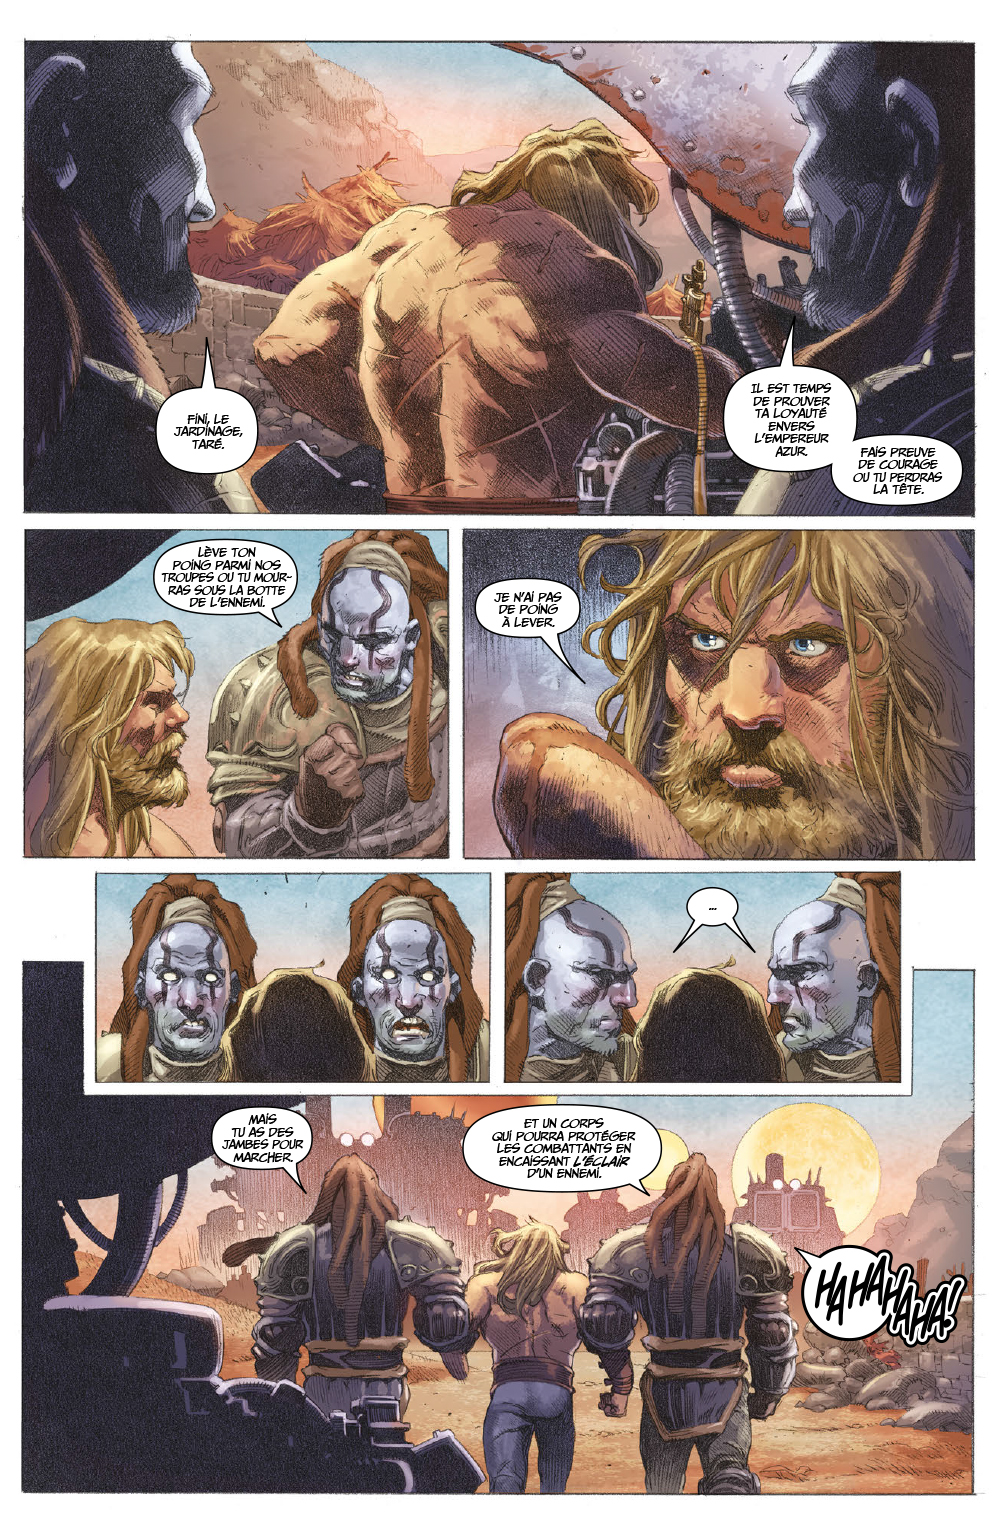 Extrait n°11 du comics tome 1 par Matt Kindt